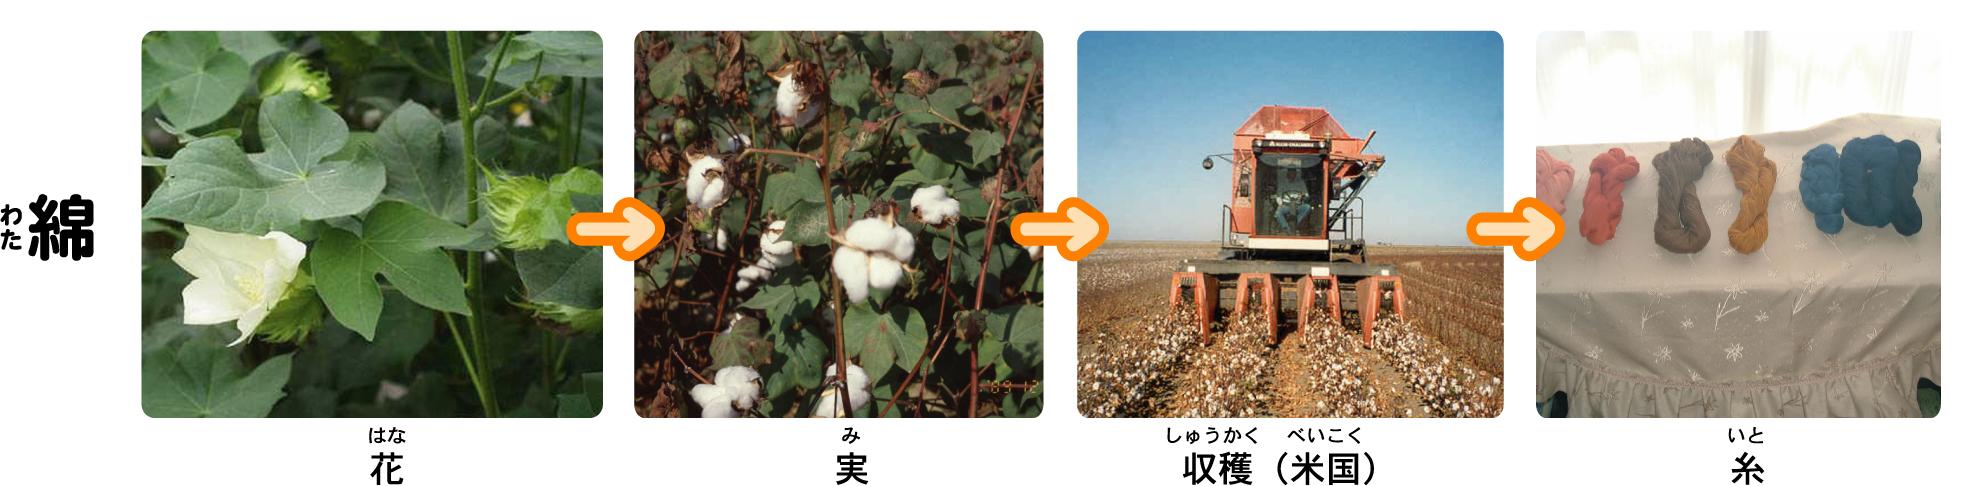 植物と着る/繊維植物